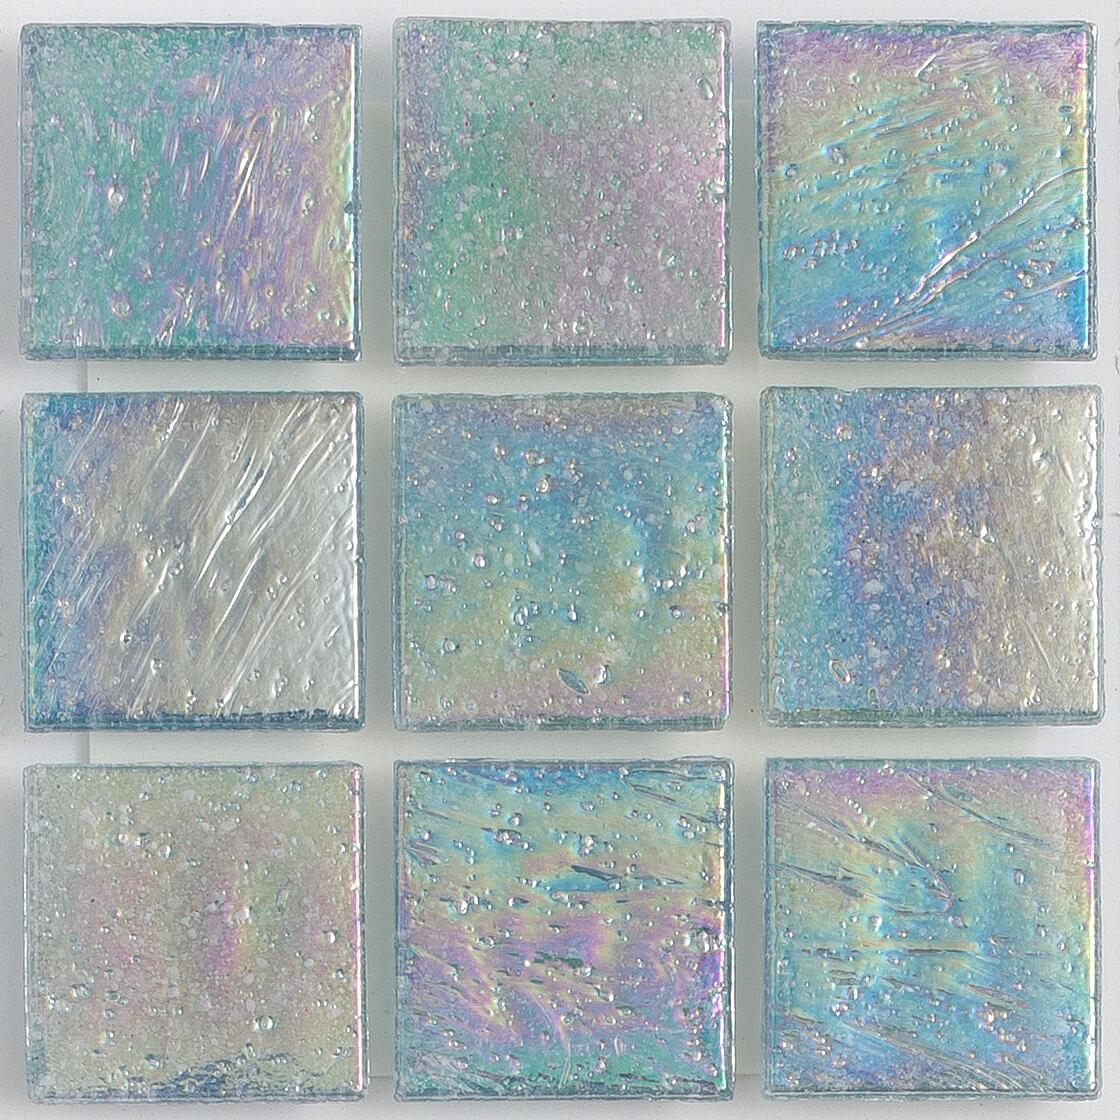 379.22 Aquamarine Sand Iridescent